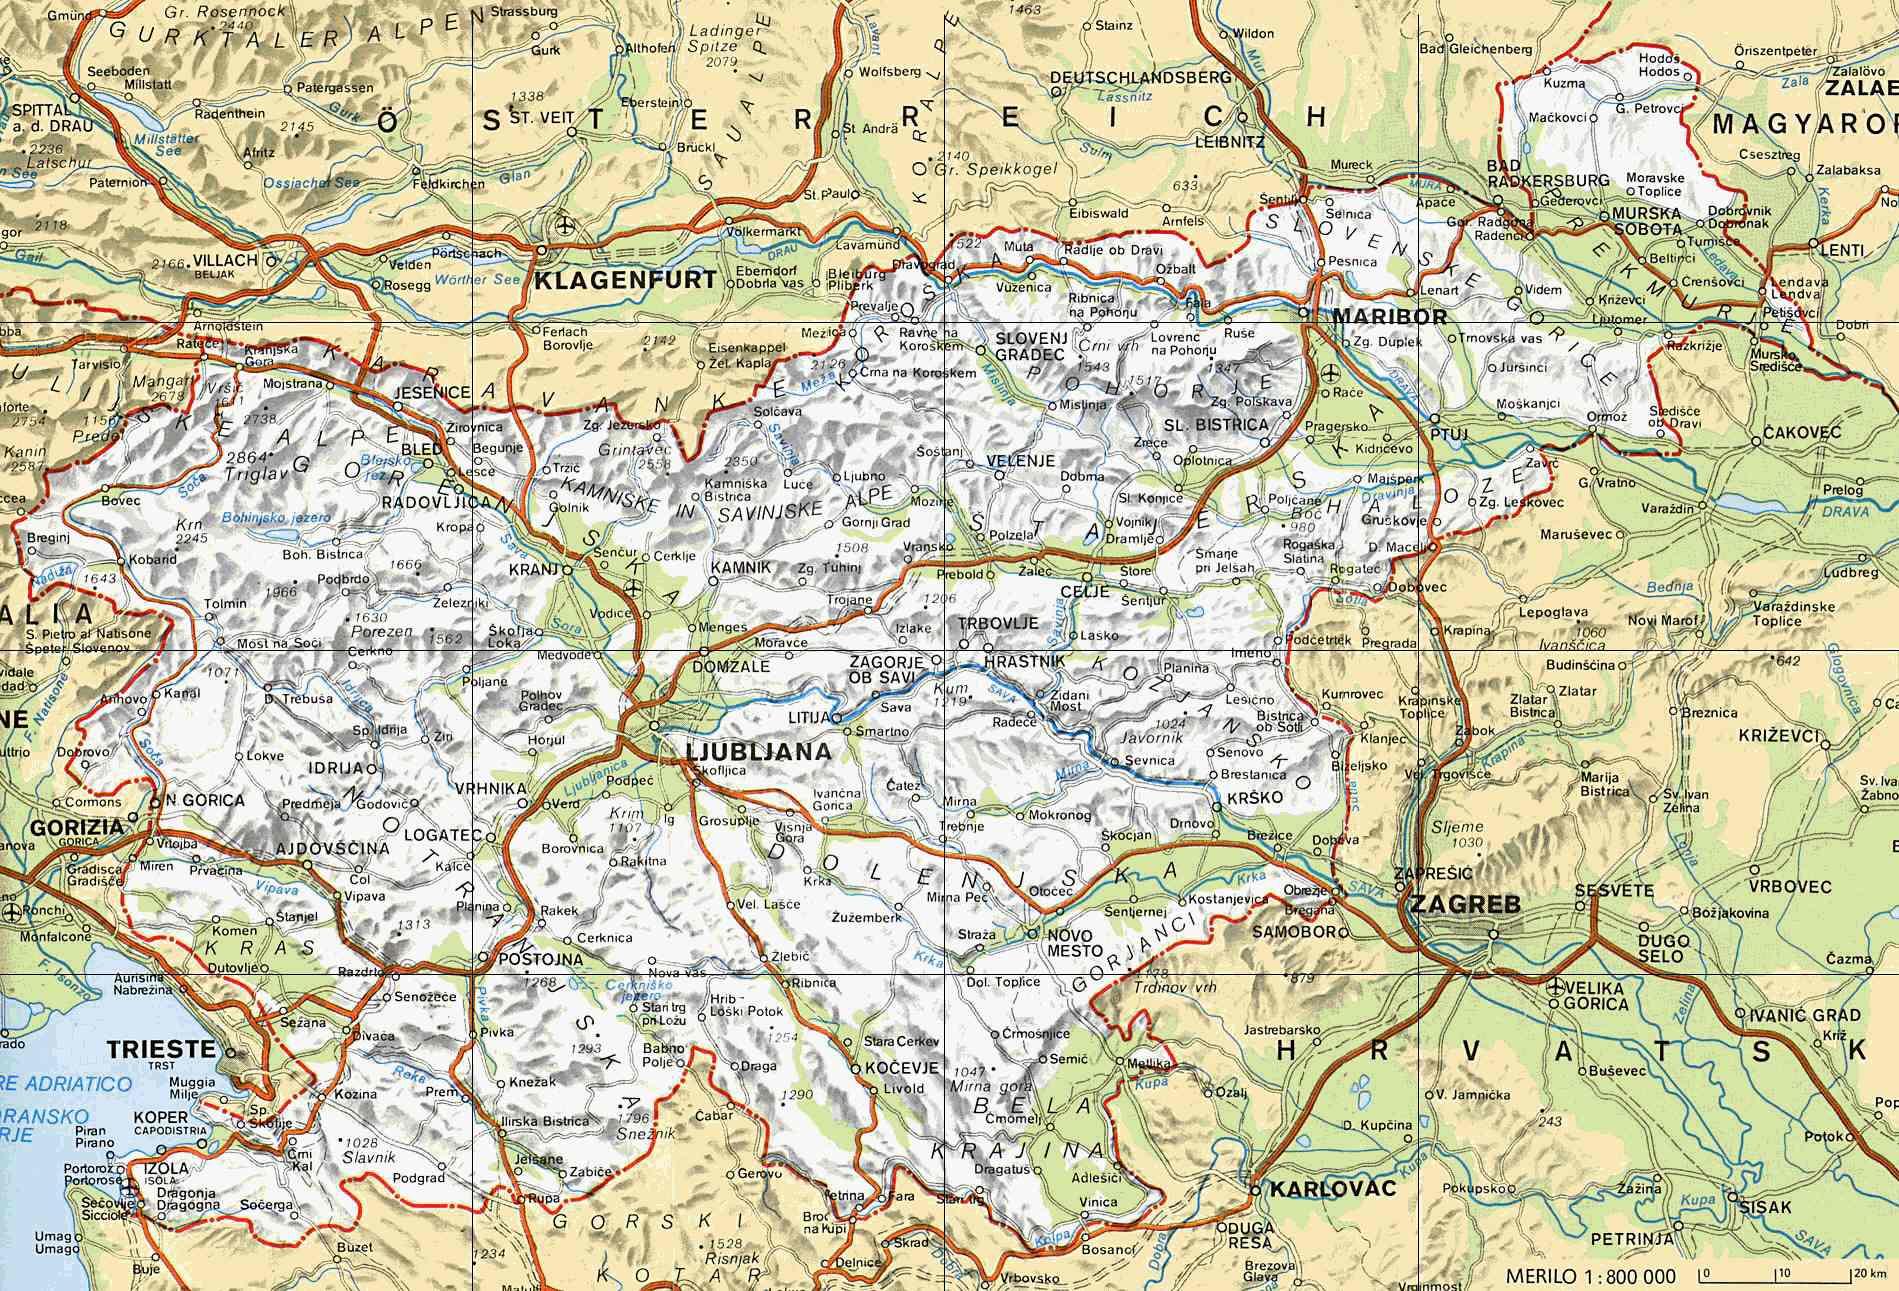 karta srbije i bosne i hercegovine Auto karte zemalja iz regije | Portal o ribolovu i zaštiti okoline  karta srbije i bosne i hercegovine